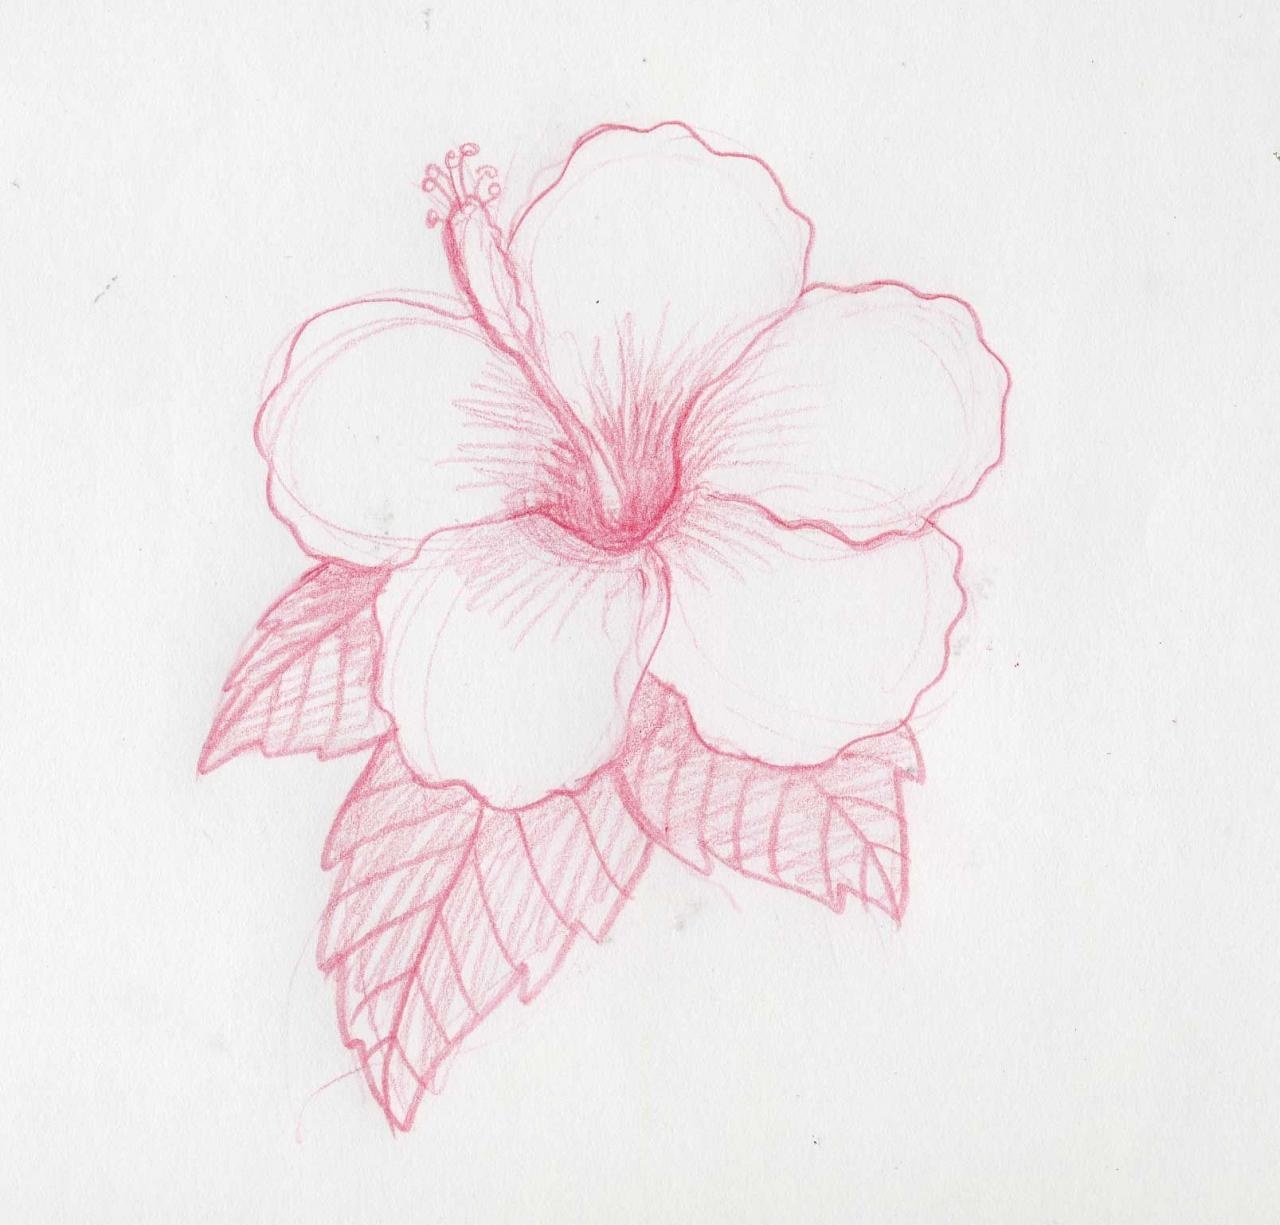 Cómo dibujar flores hawaianas  Como dibujar flores  Flores dibujadas a  lapiz  Flores a lapiz, dibujos de Flores A Lápiz, como dibujar Flores A Lápiz paso a paso